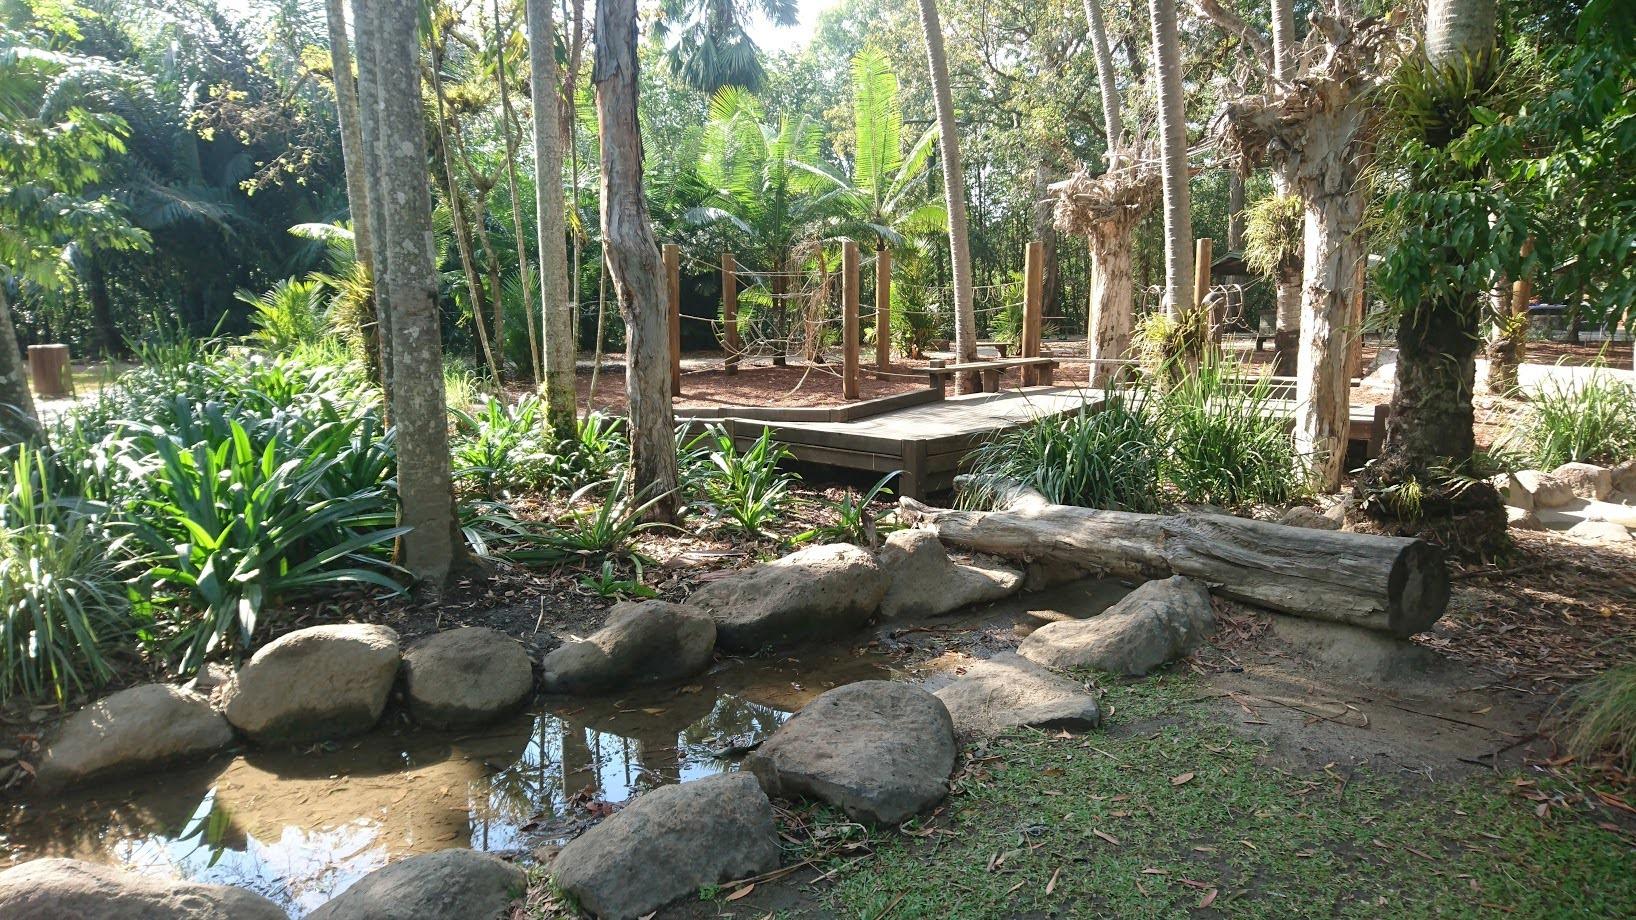 Centenary lakes playground